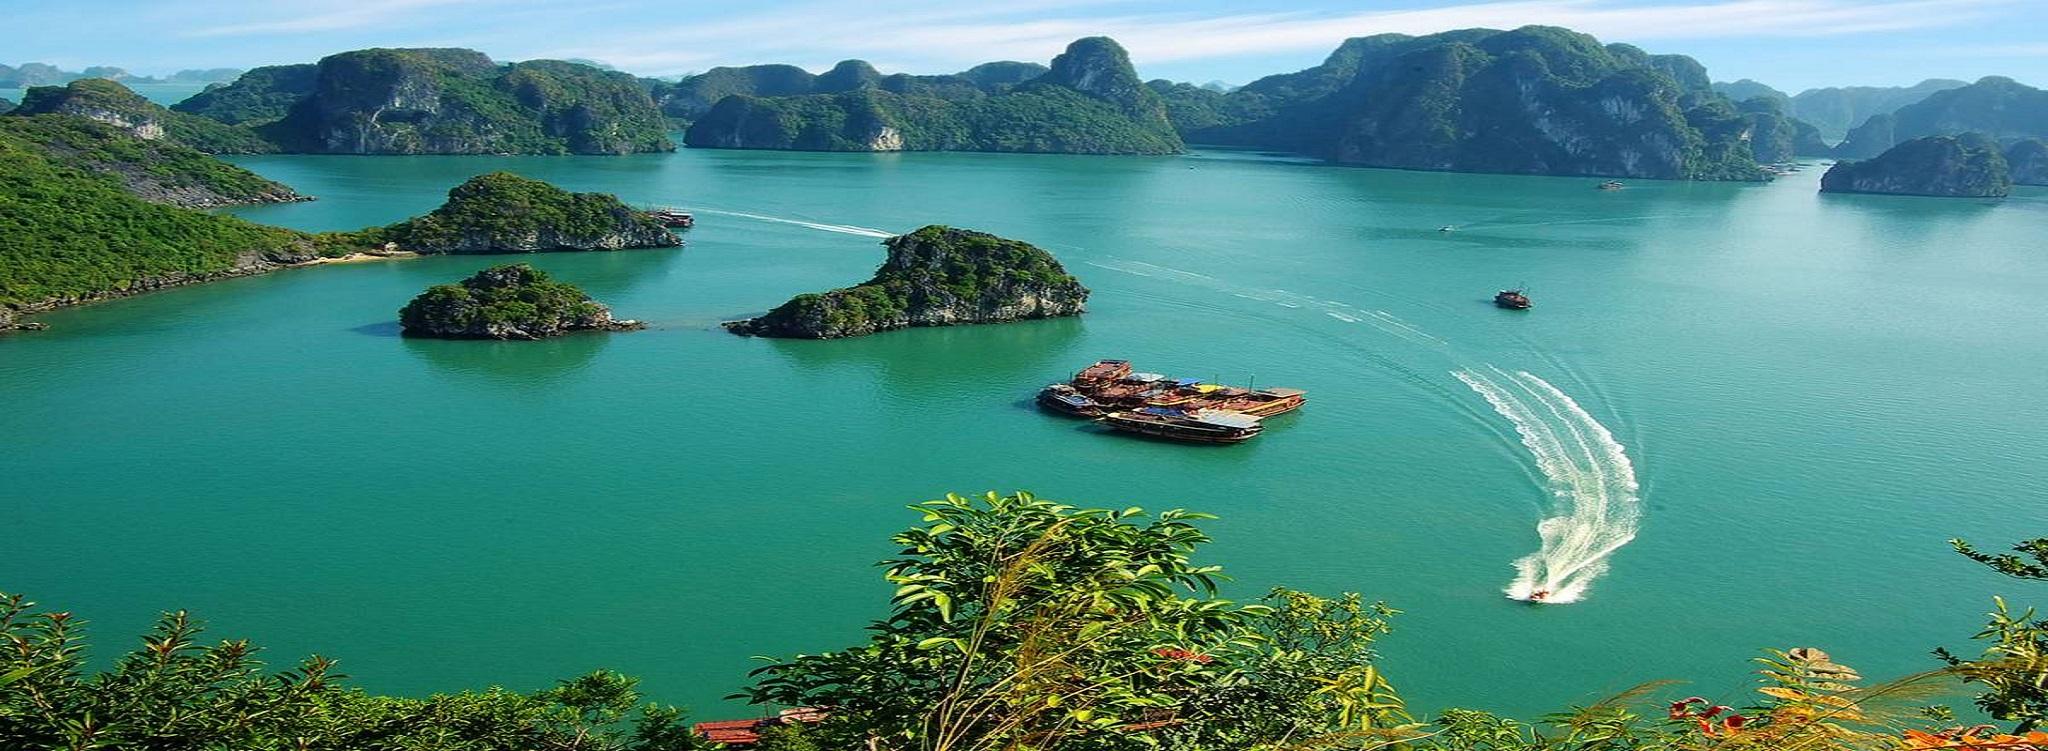 11 Days Authentic Vietnam Package Tour